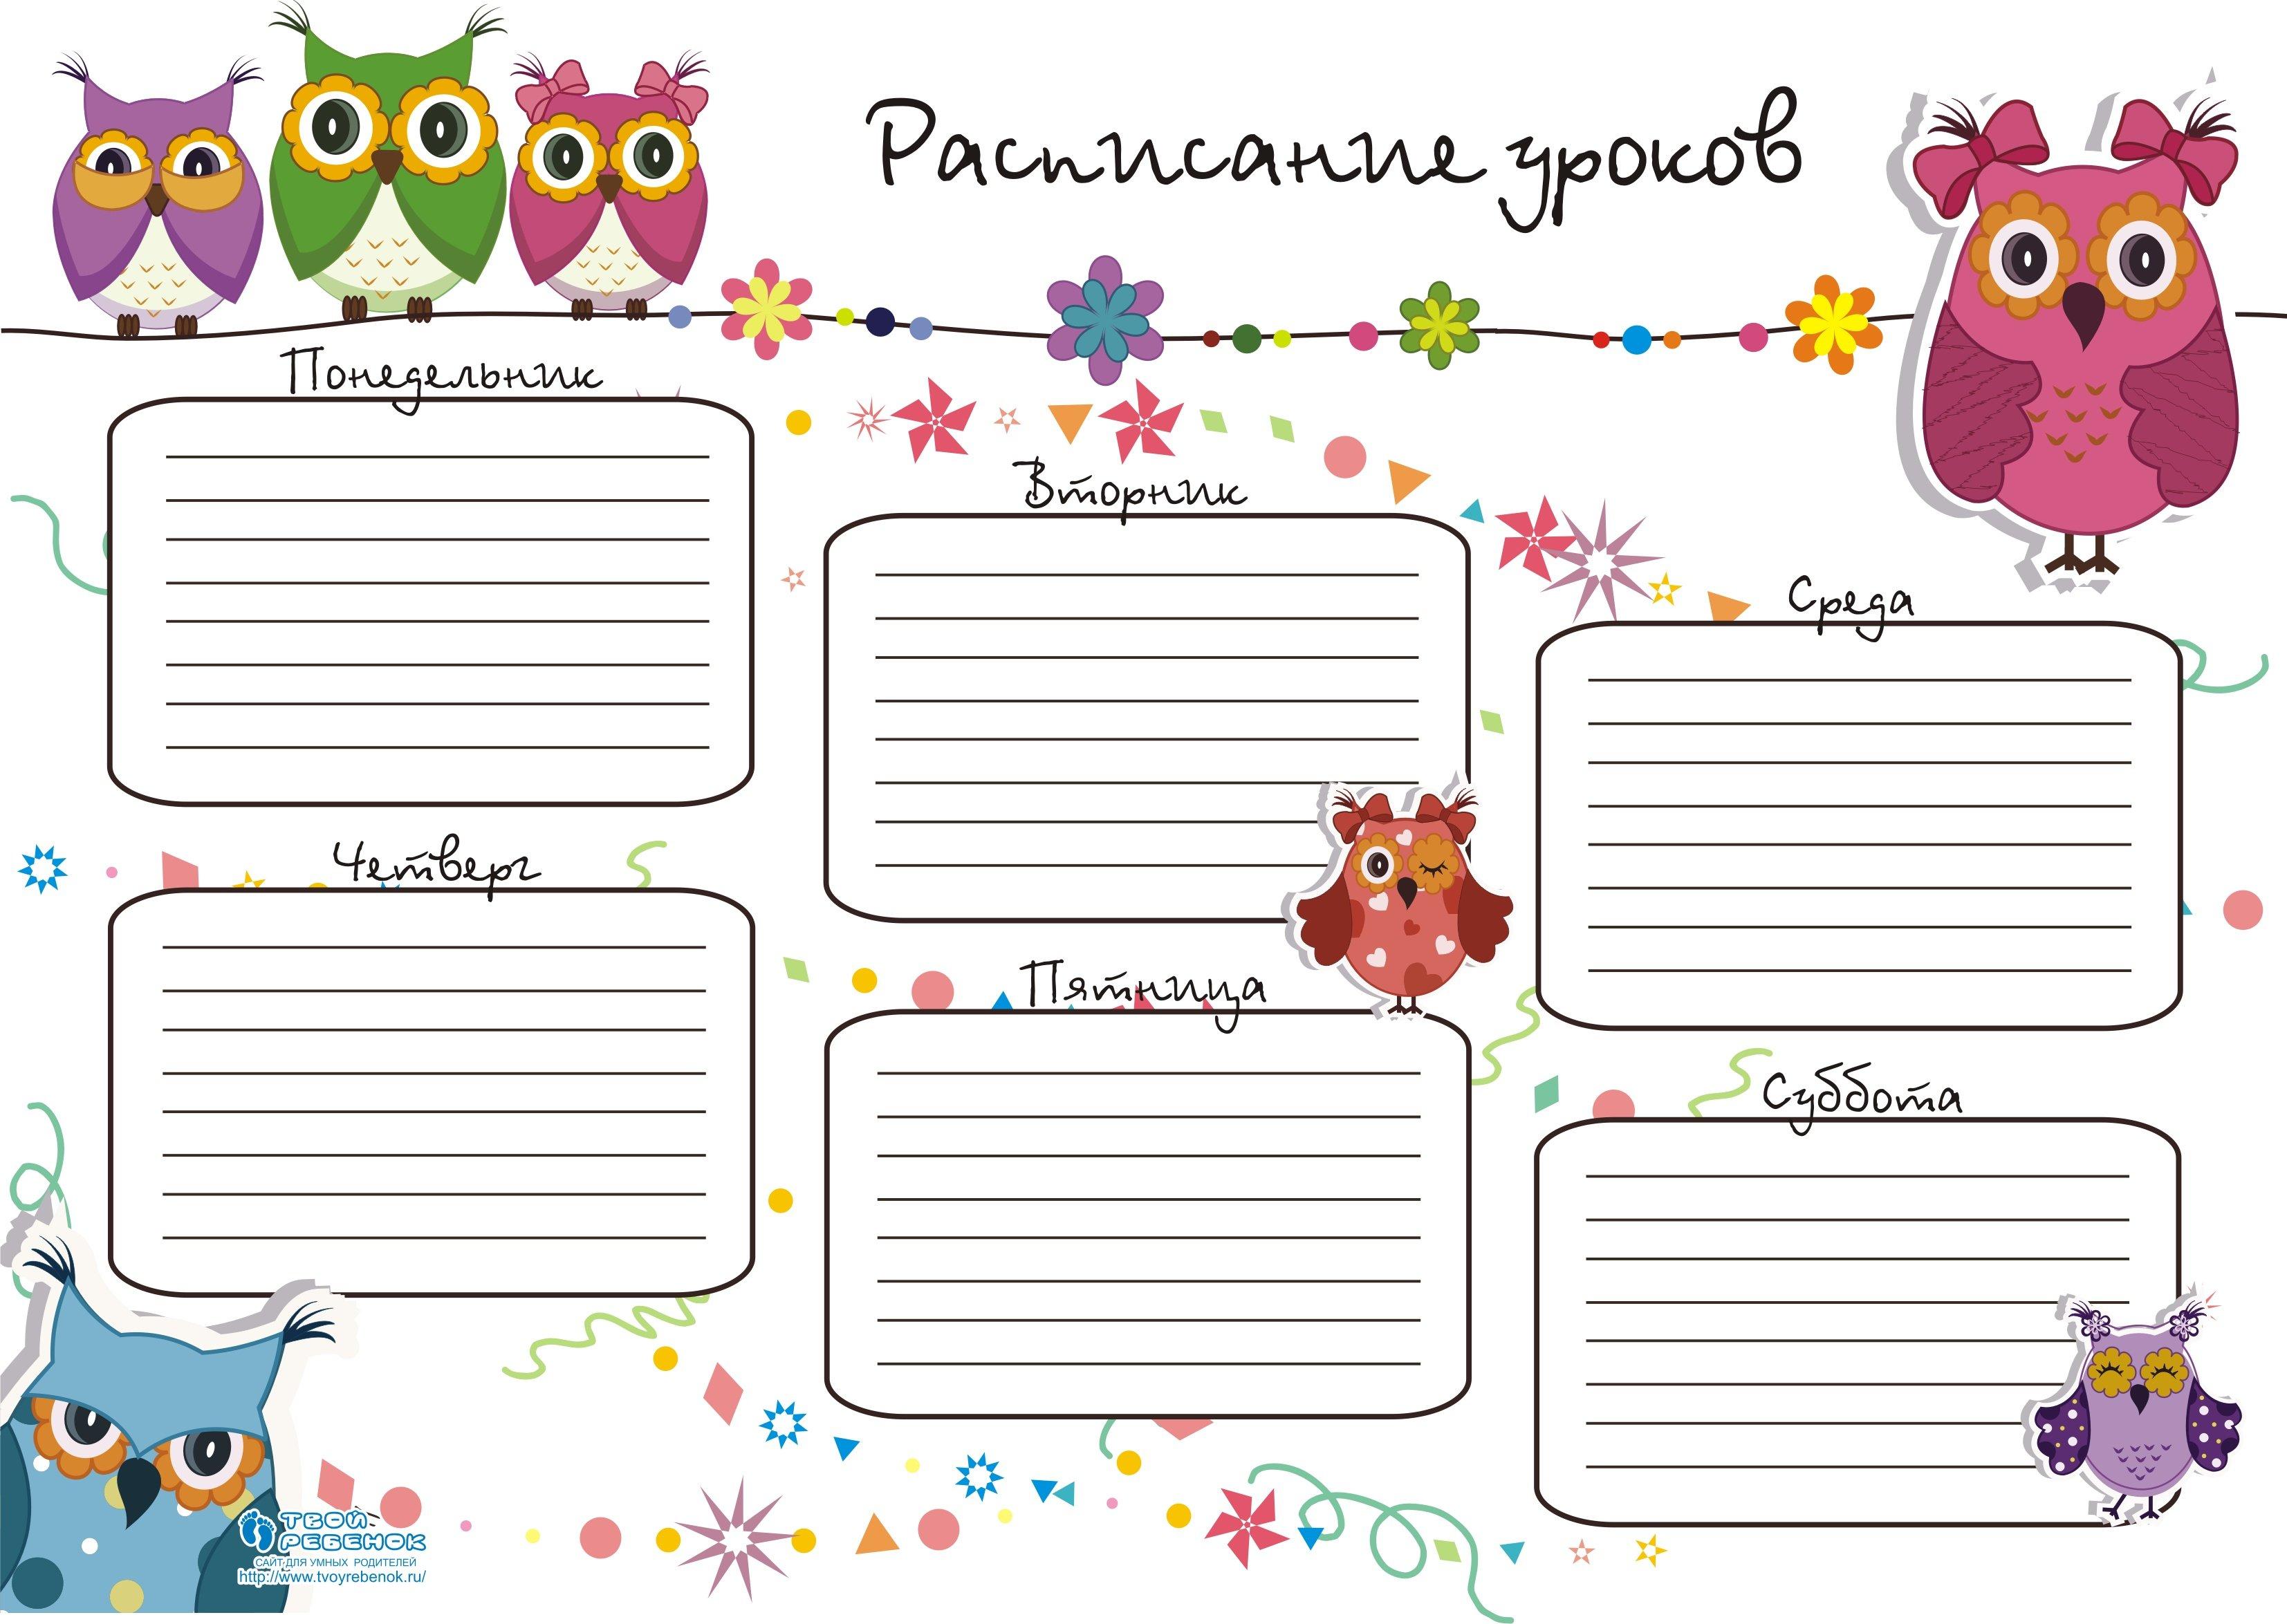 Надписями, расписание уроков картинки для печати